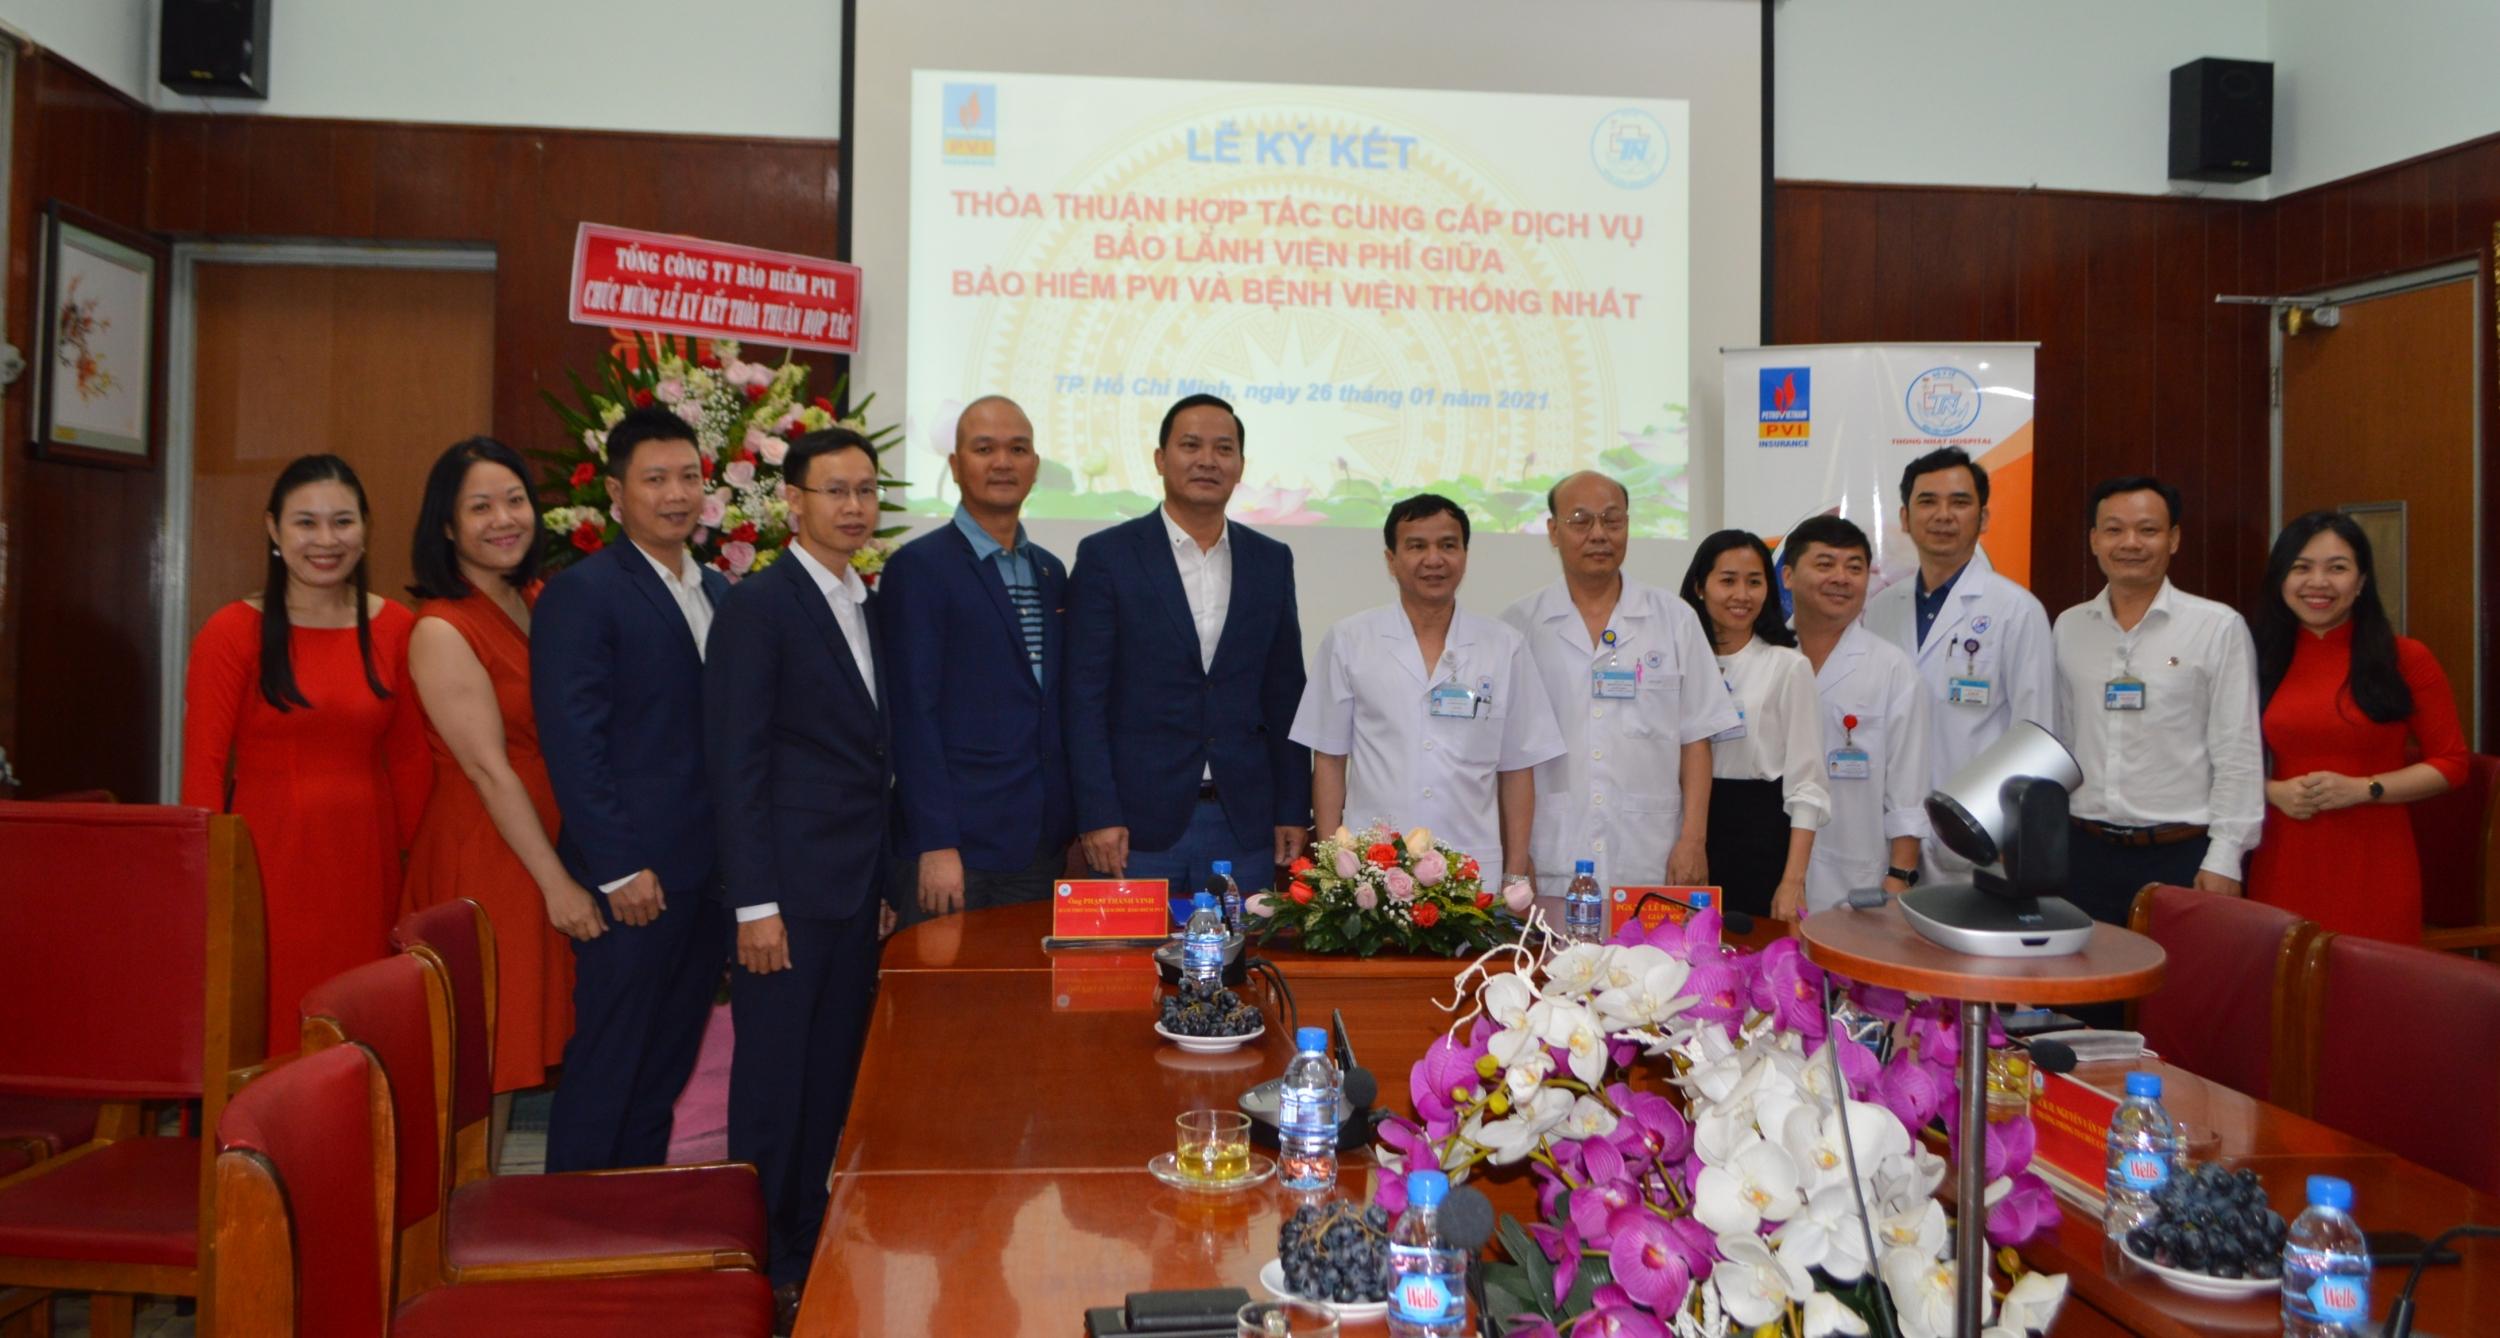 Bảo hiểm PVI mở rộng Thỏa thuận Hợp tác bảo lãnh viện phí với Bệnh viện Thống nhất TP Hồ Chí Minh